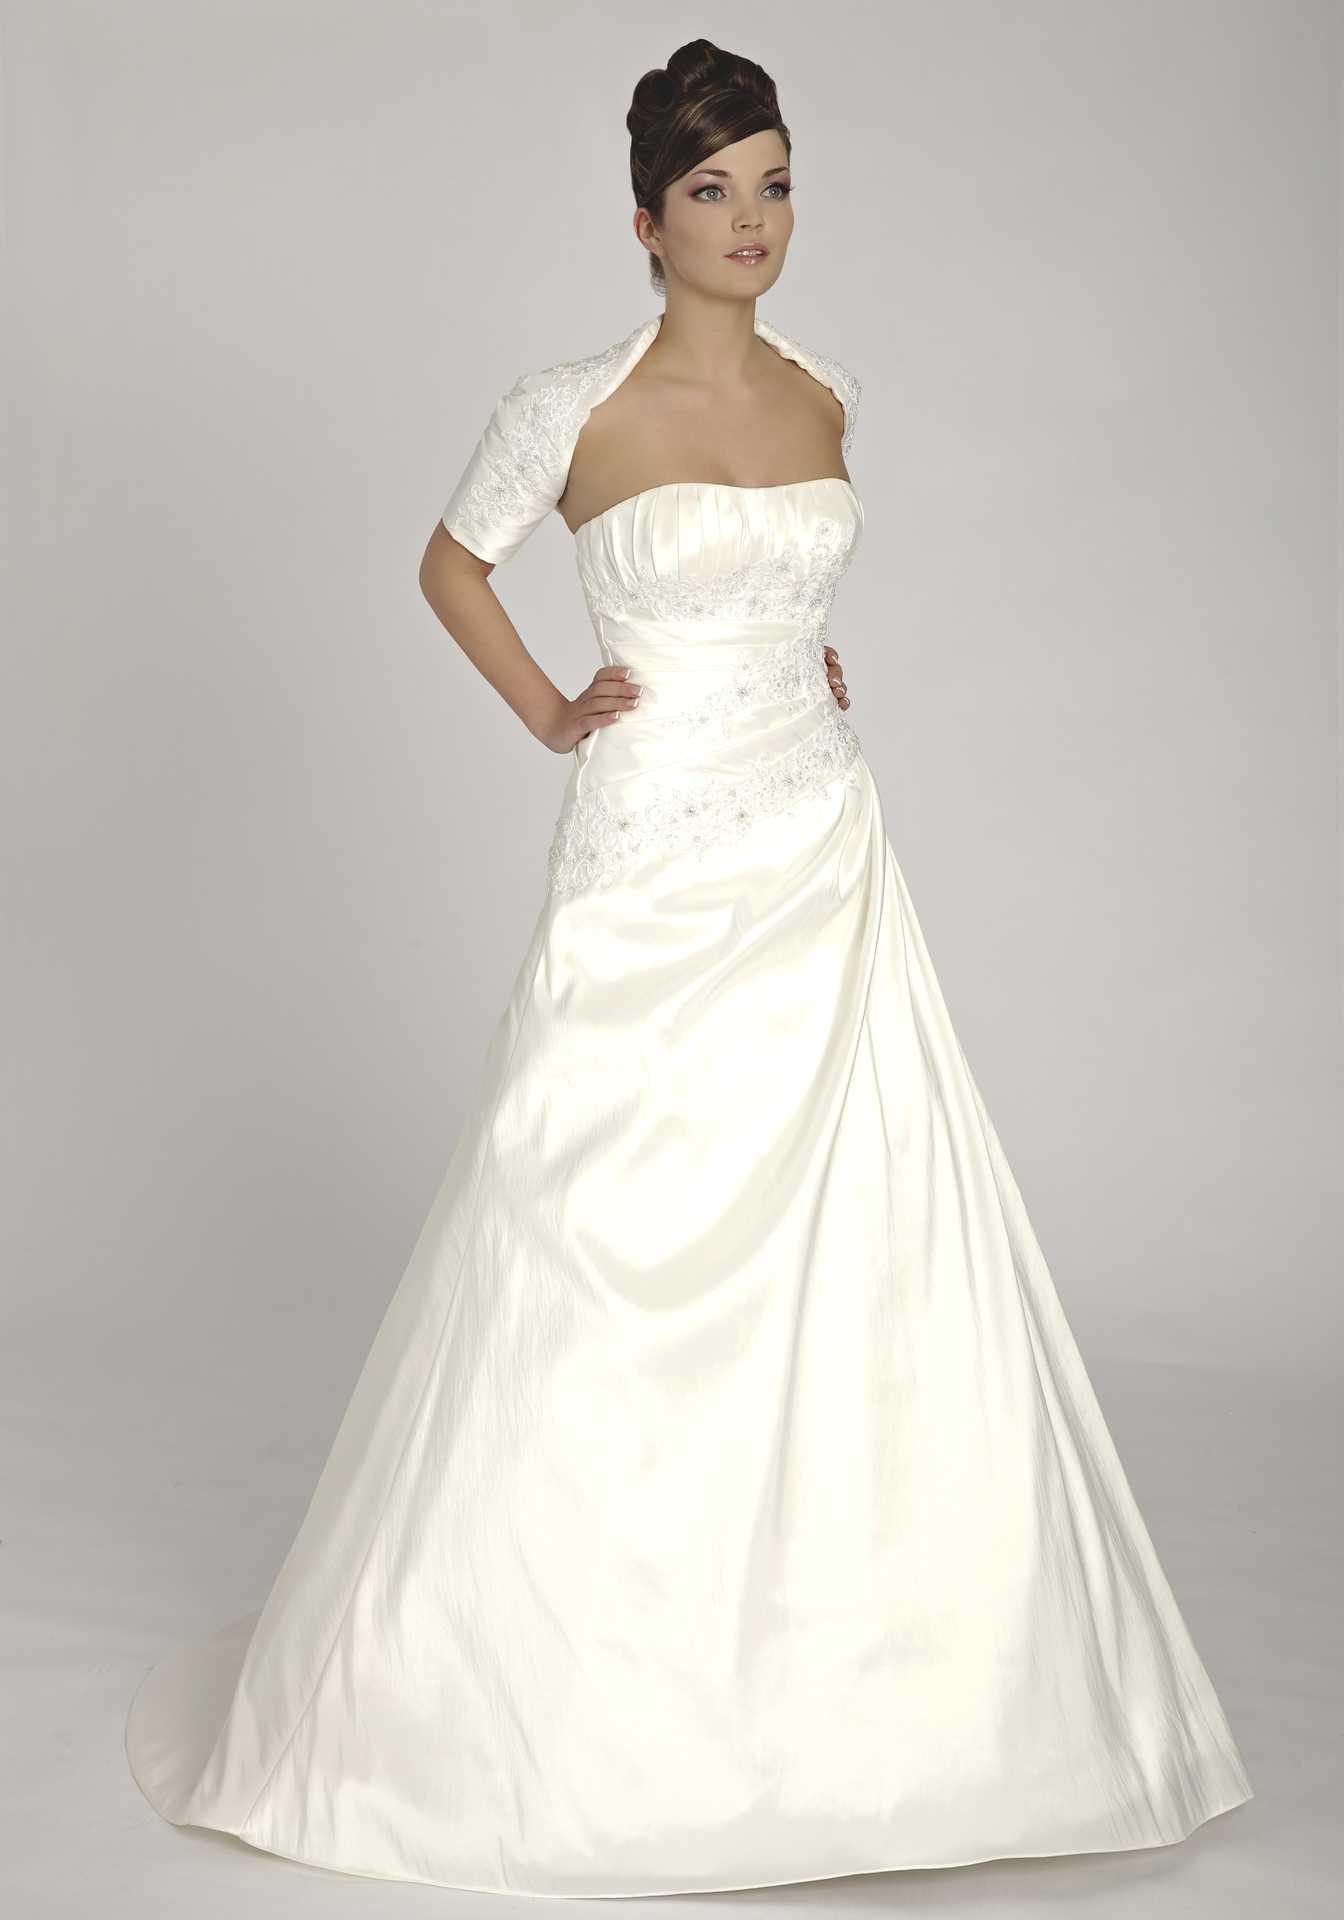 Где купить недорогое свадебное платье спб